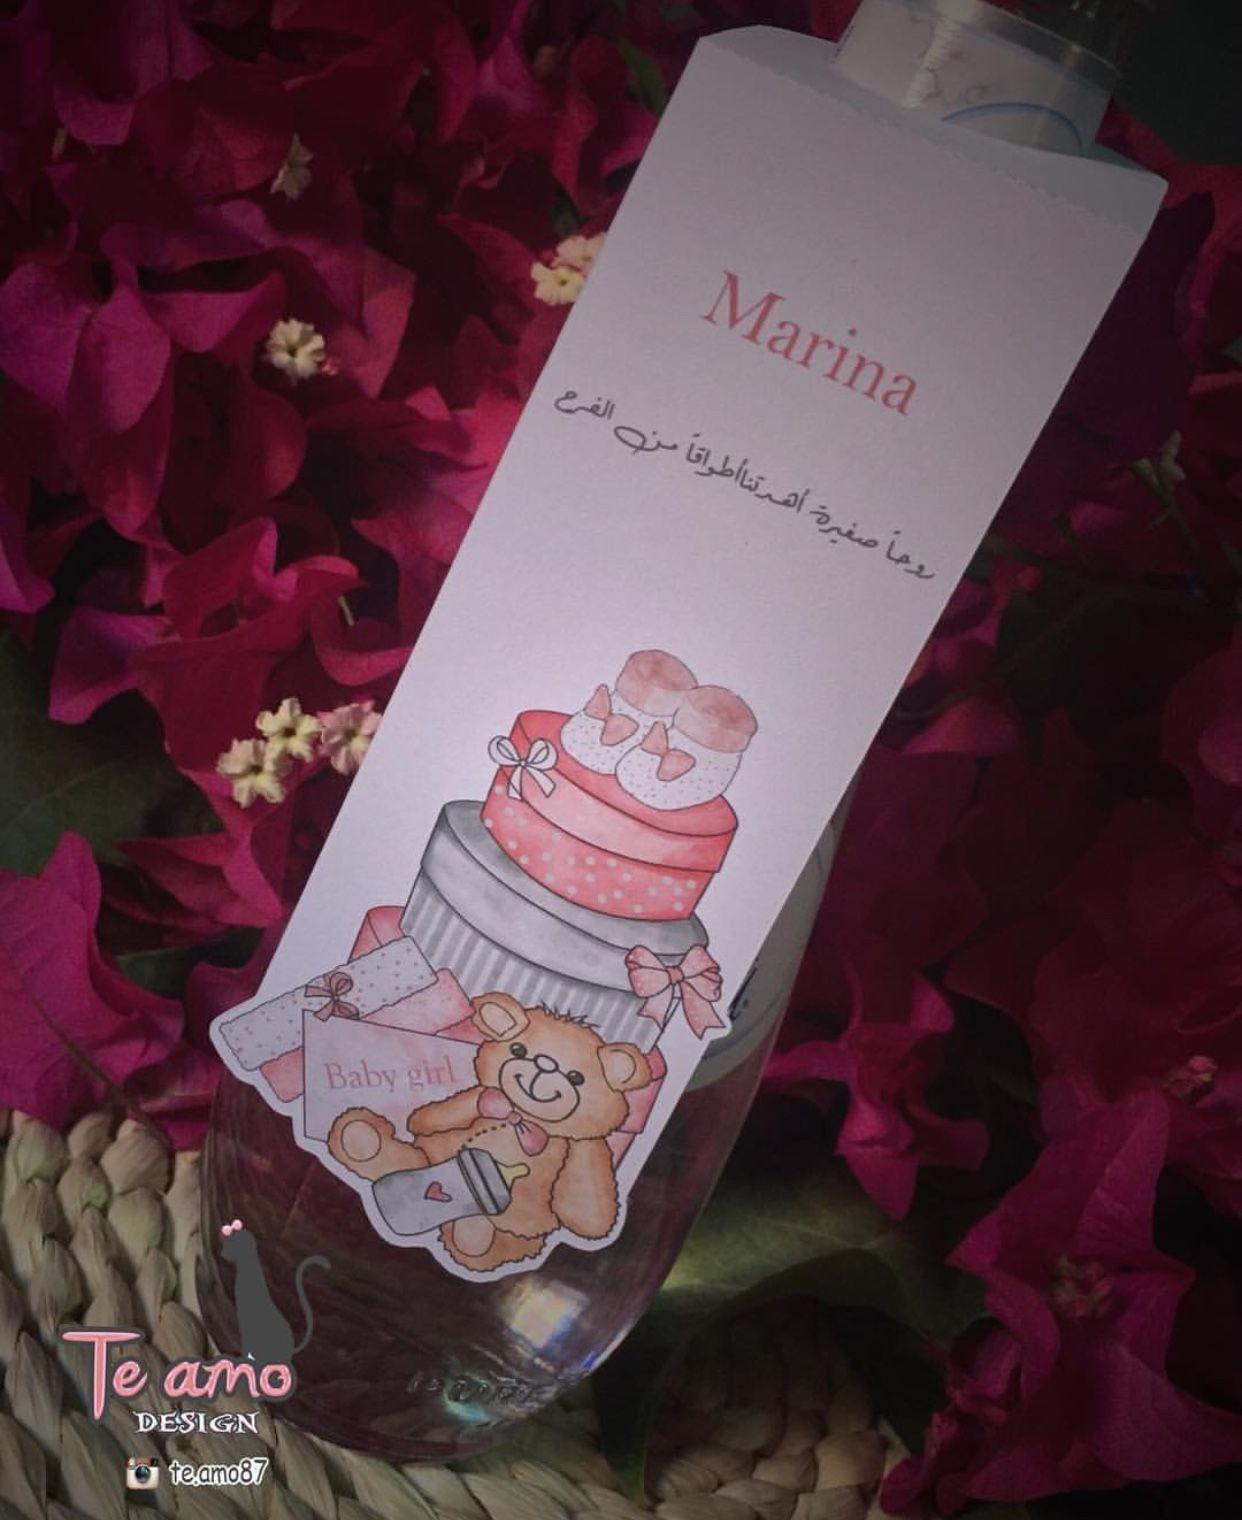 ثيم مولوده تعليقه للمويه امكانيه اضافه عبارات والوان حسب الطلب وتنفيذه ع علب منديل شوكولاته تغري Panda Birthday Baby Wallpaper Gifts For Wedding Party